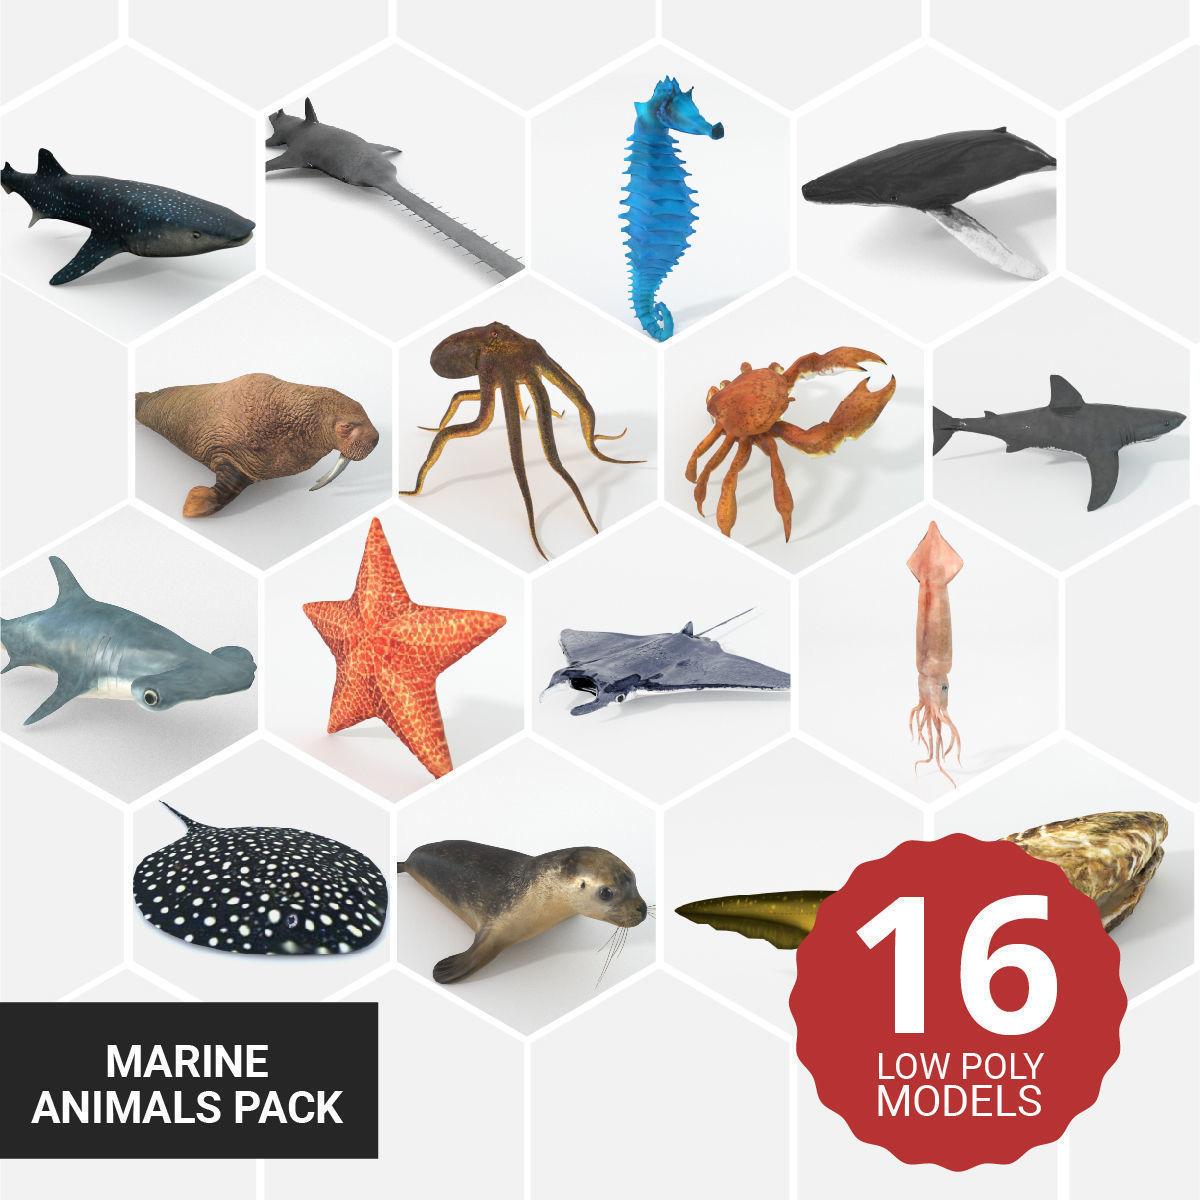 16 Marine Animals Pack - Colletion